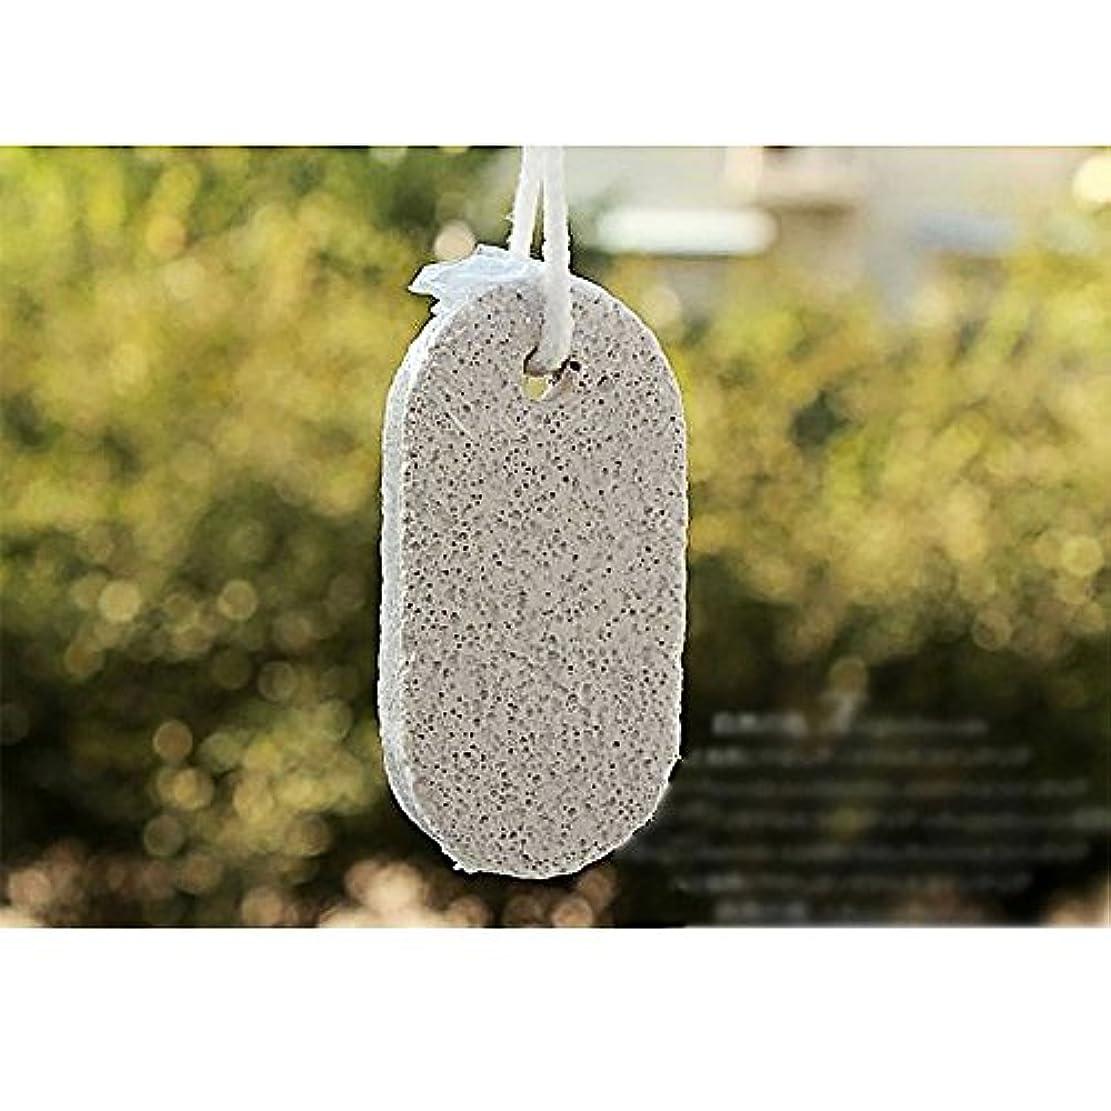 させるパスダーリンデッド 安全デッドスキンリムーバー 美容ボディ メイクアップツール 天然素材 粗い 表面